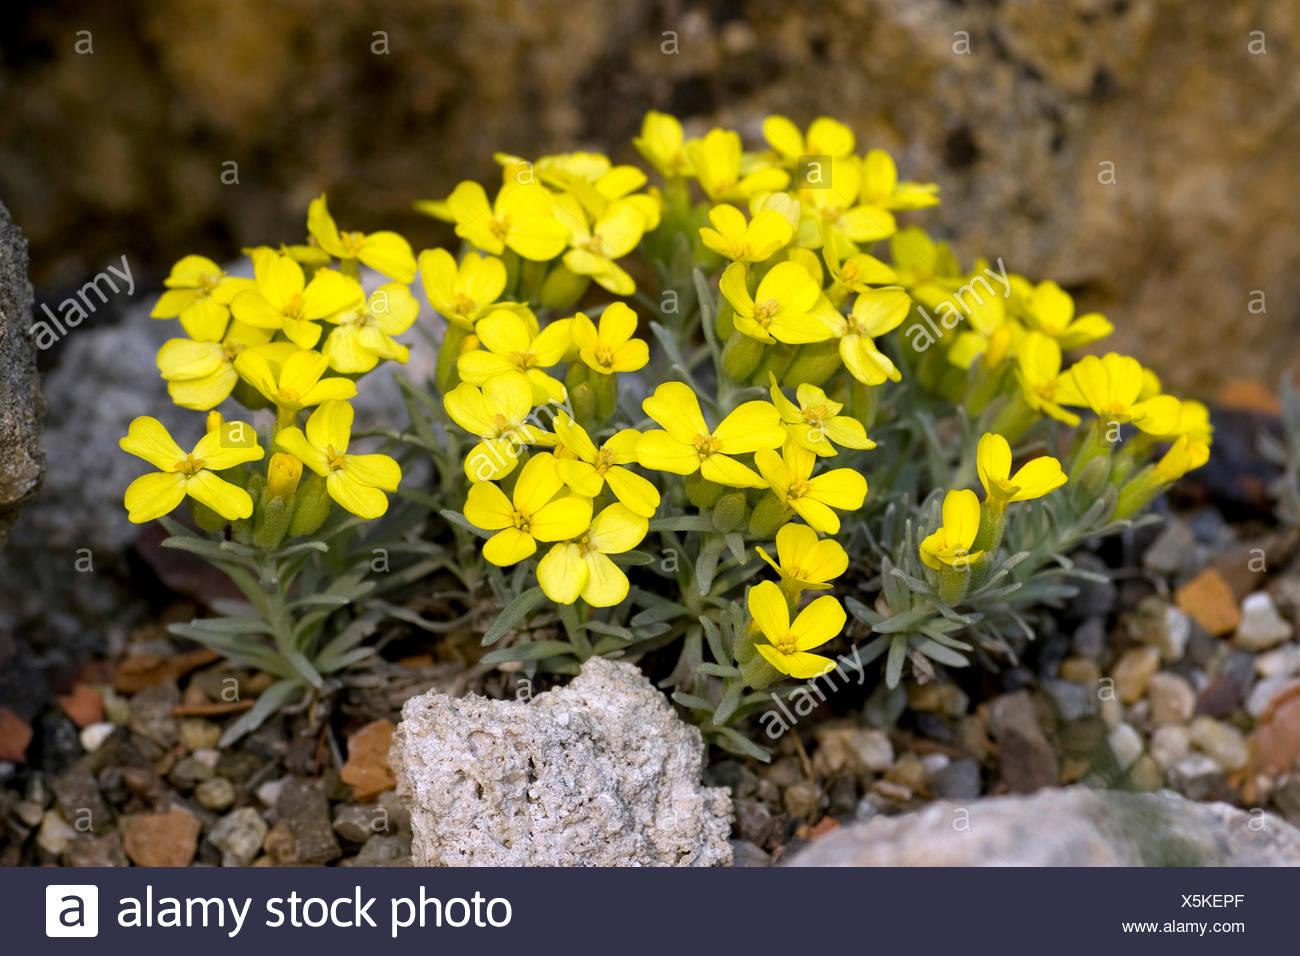 Velebit Degenia  (Degenia velebitica), blooming Stock Photo